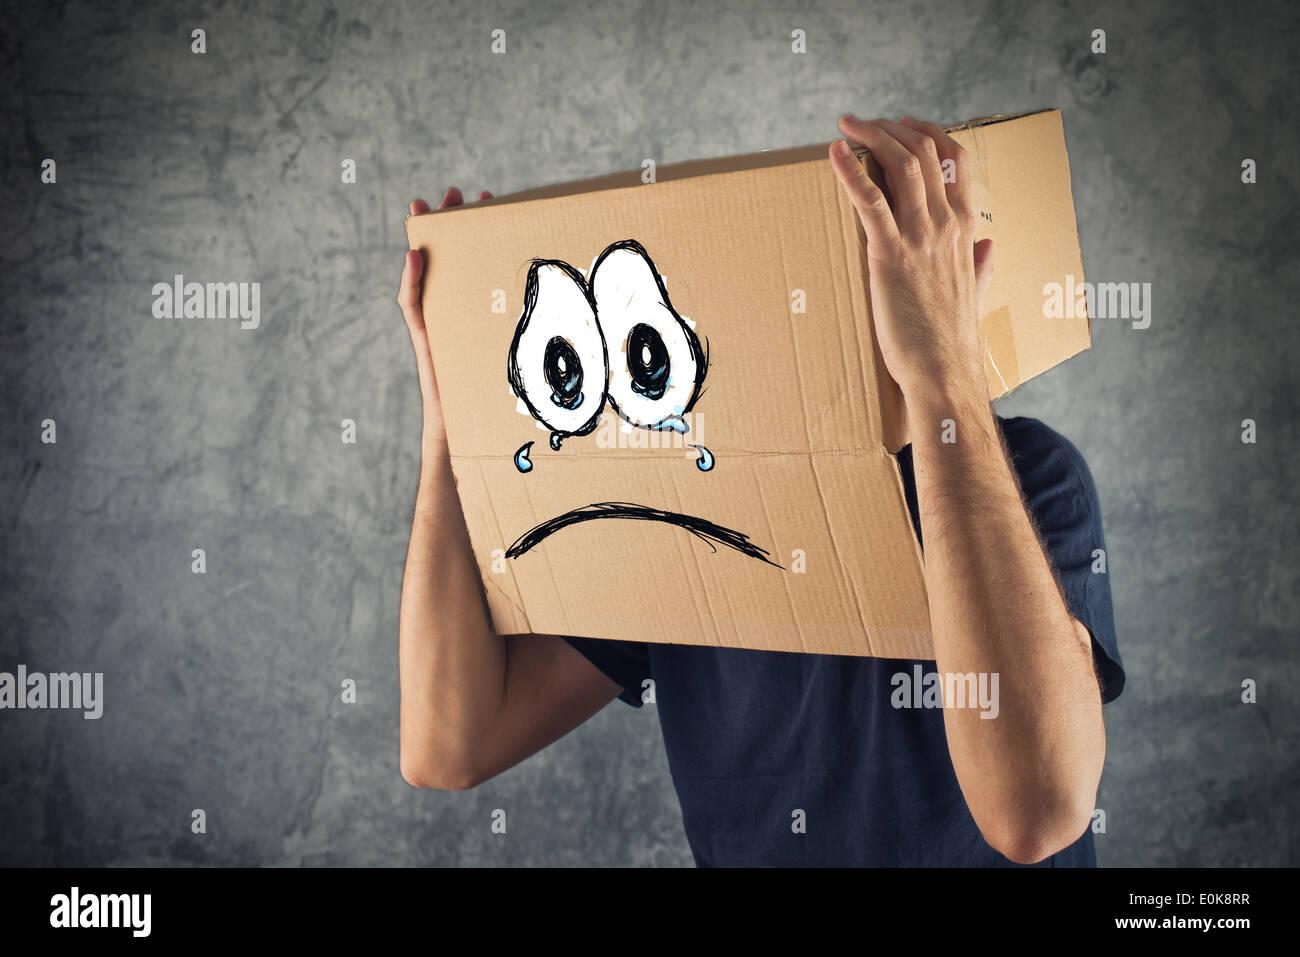 Uomo con scatola di cartone sulla sua testa e tristi lacrime di espressione. Concetto di tristezza e depressione. Immagini Stock